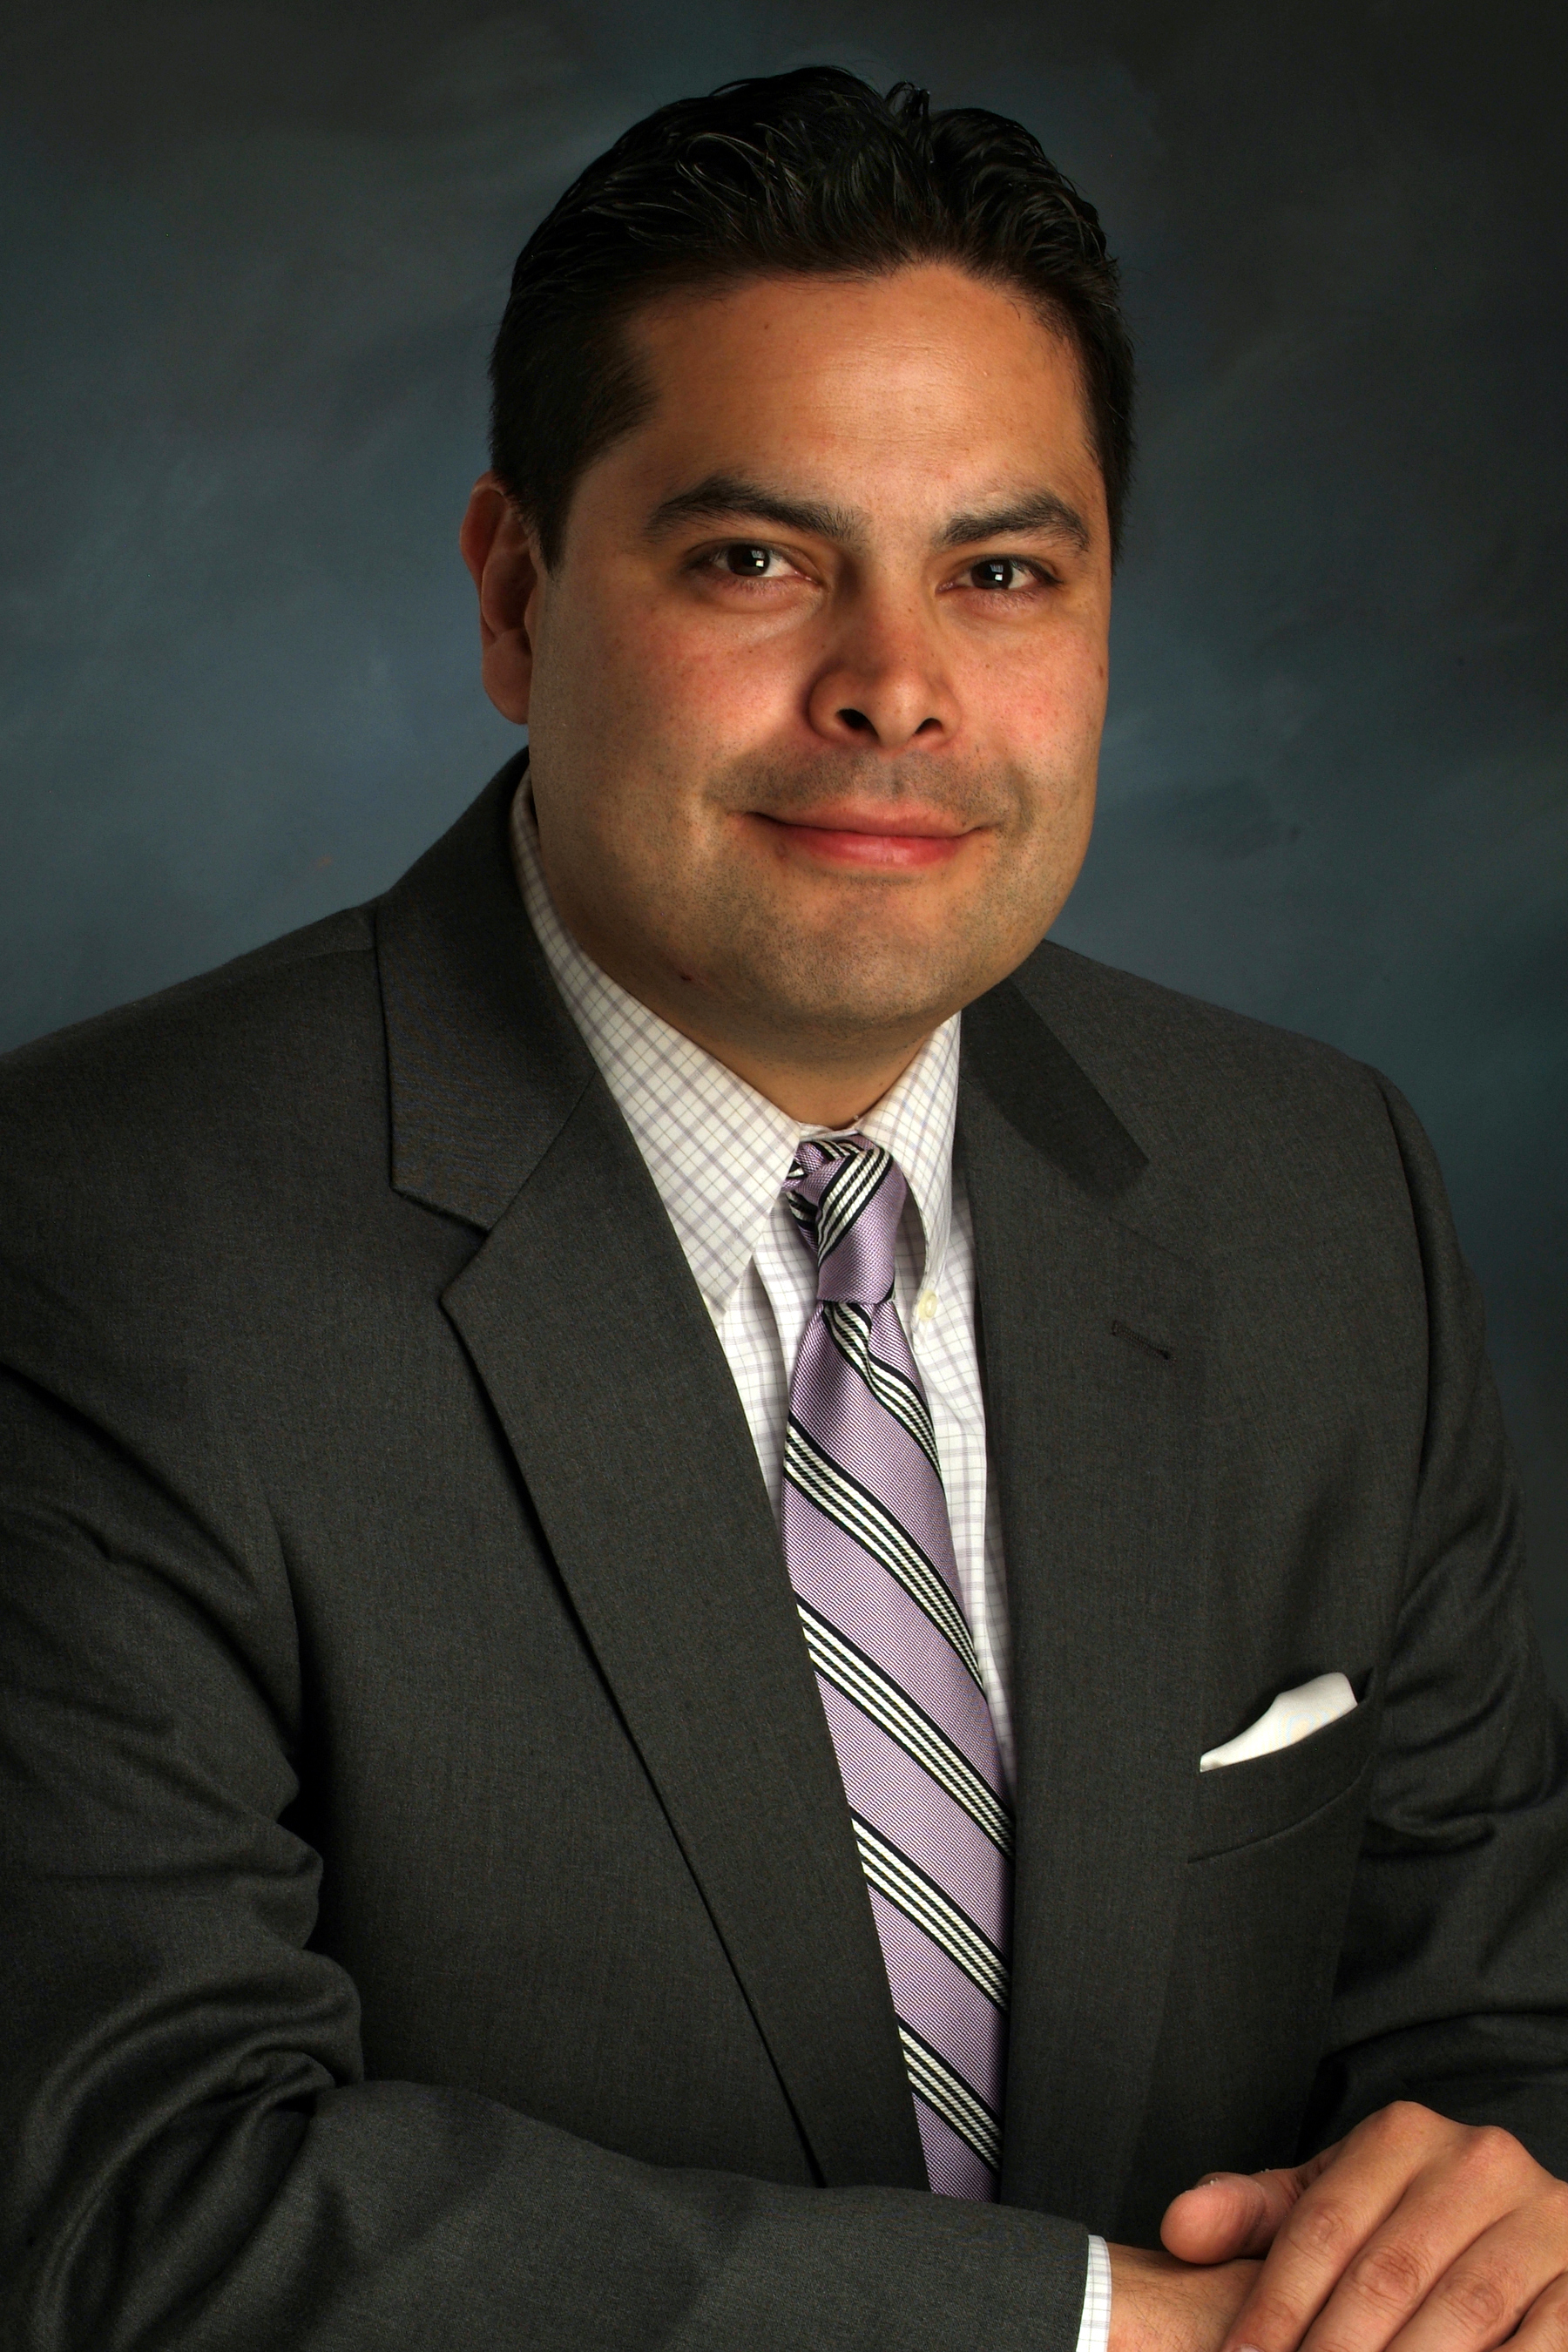 Dan Villanueva